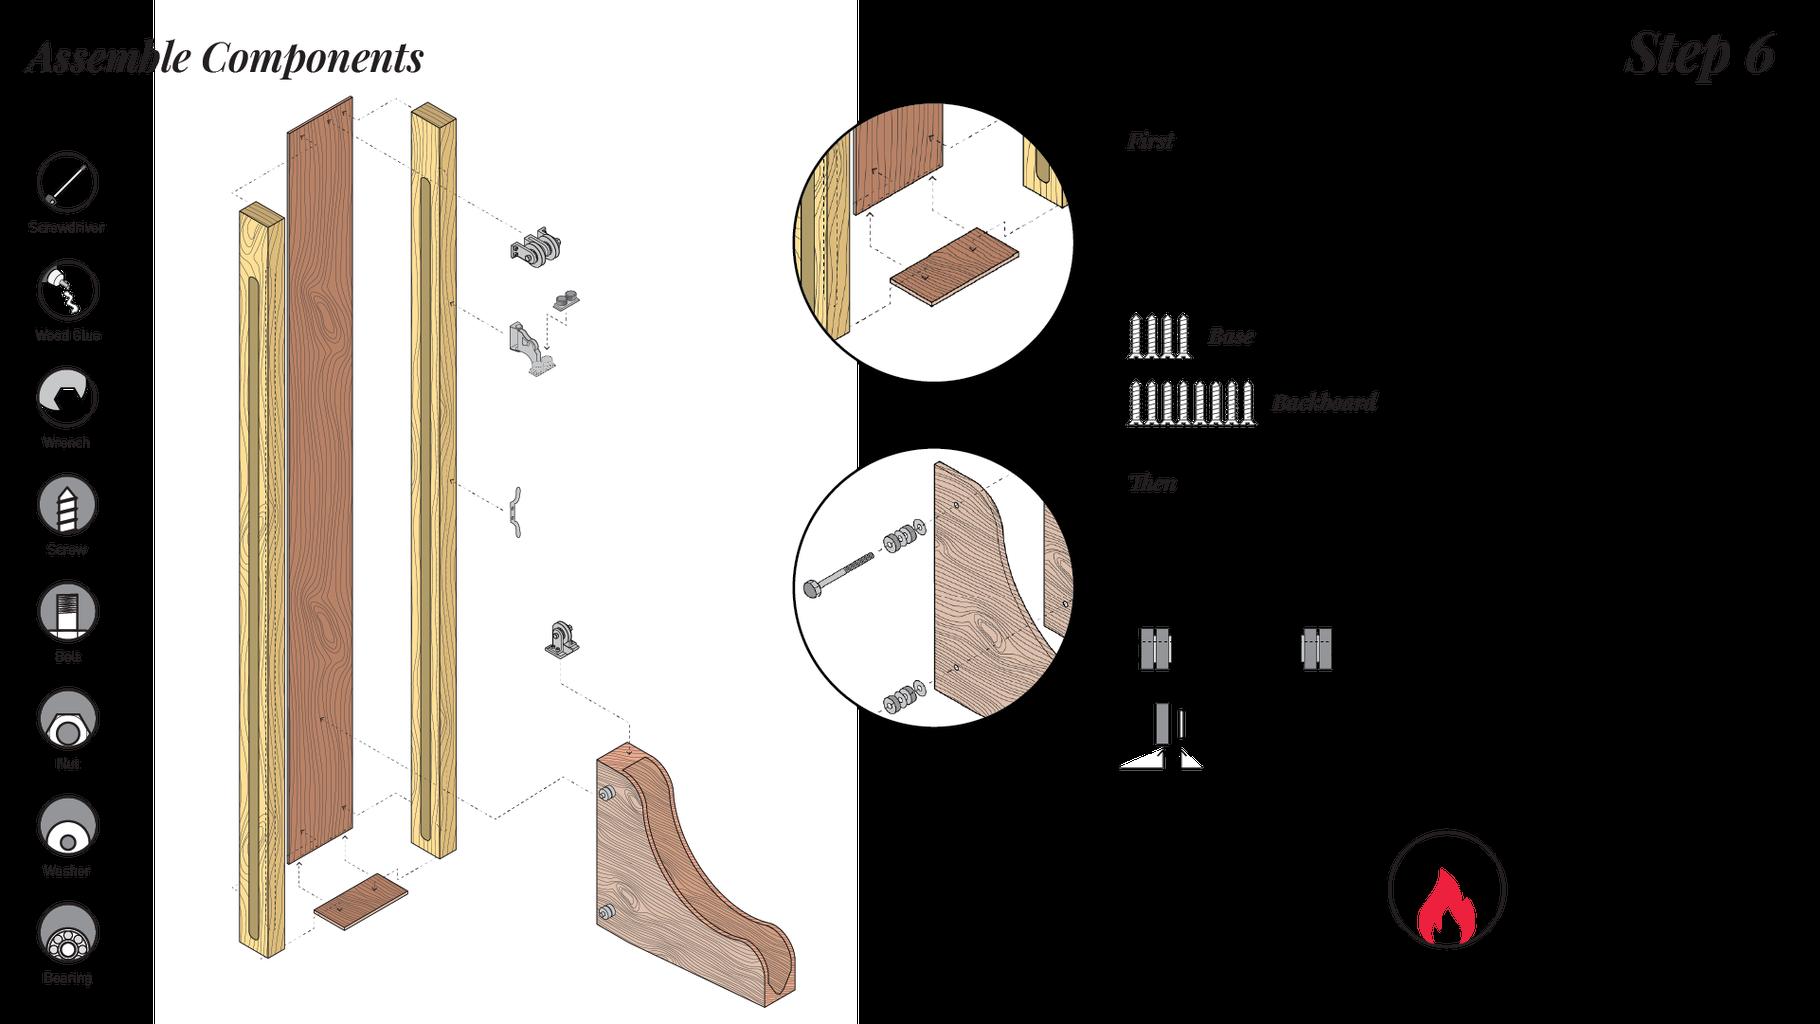 Assemble Components